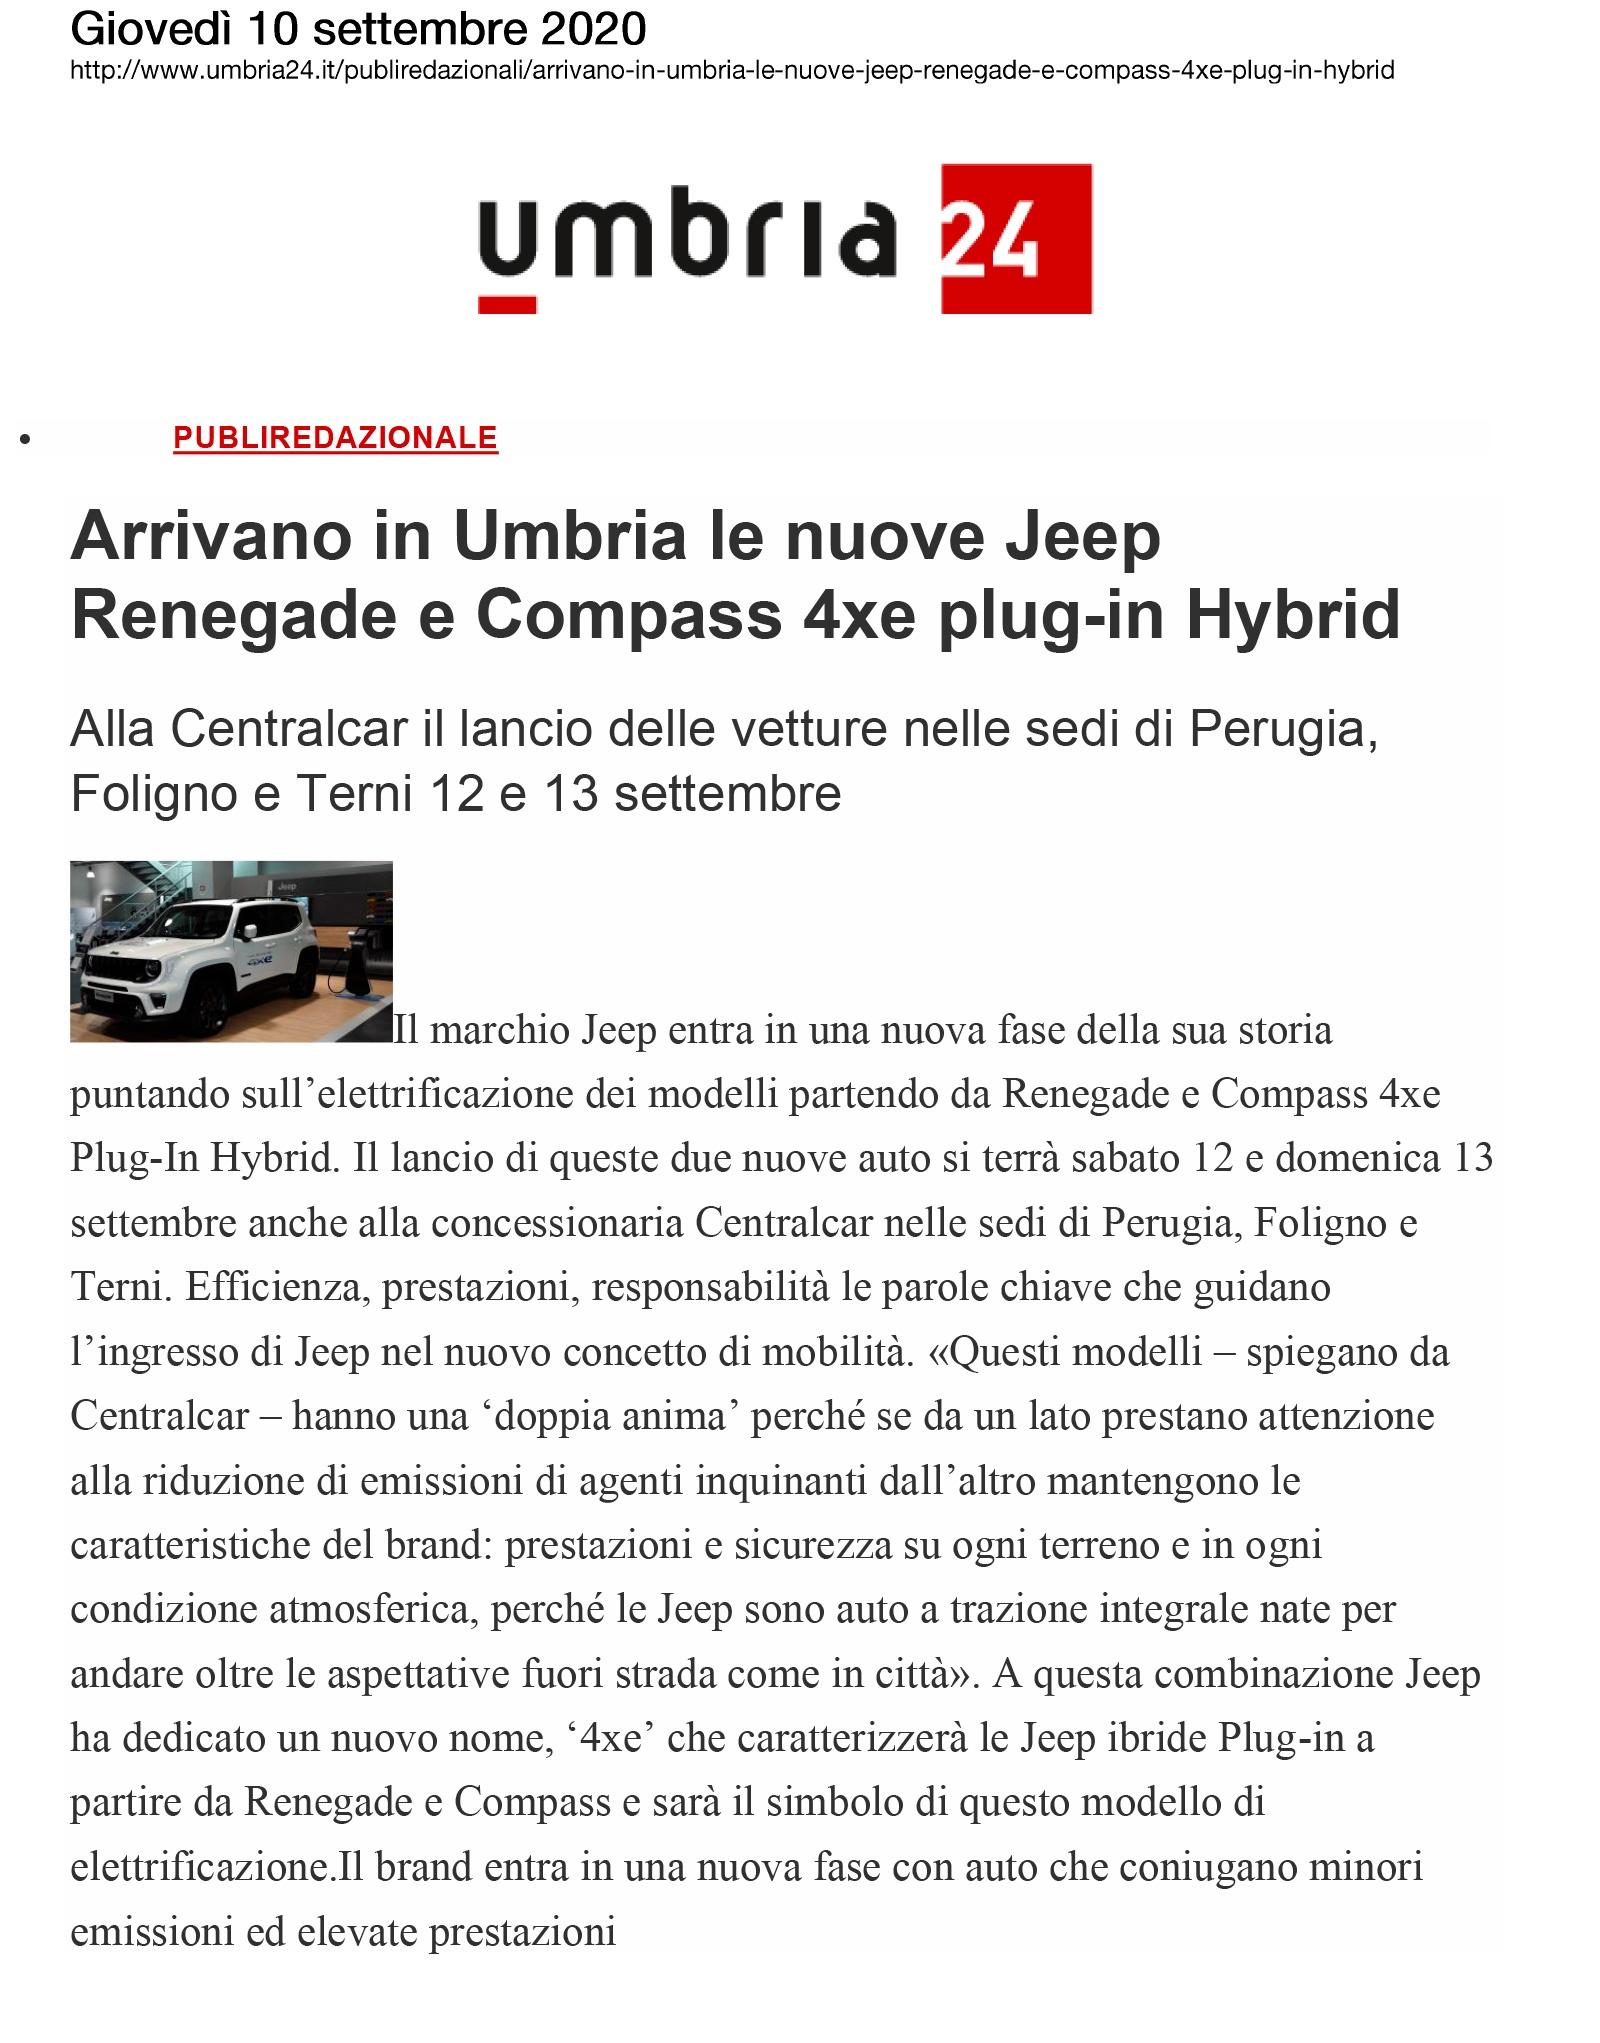 Arrivano in Umbria le nuove Jeep Renegade e Compass 4xe plug-in Hybrid